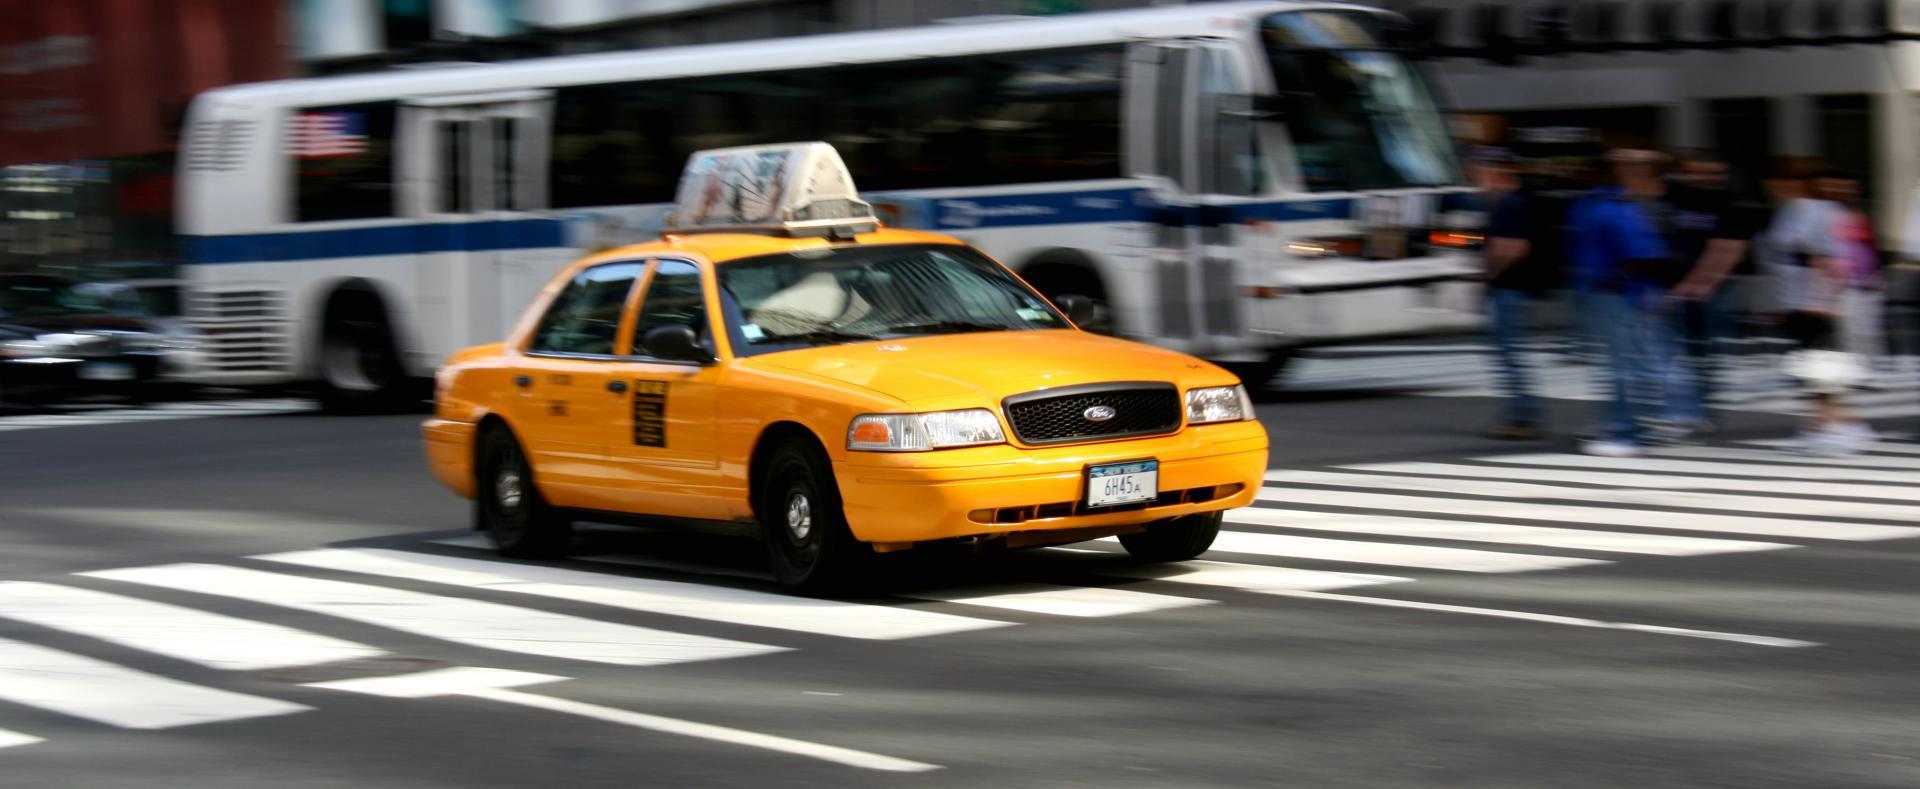 Pourquoi les taxis de new york sont ils jaunes www for Pourquoi ecossais portent kilt